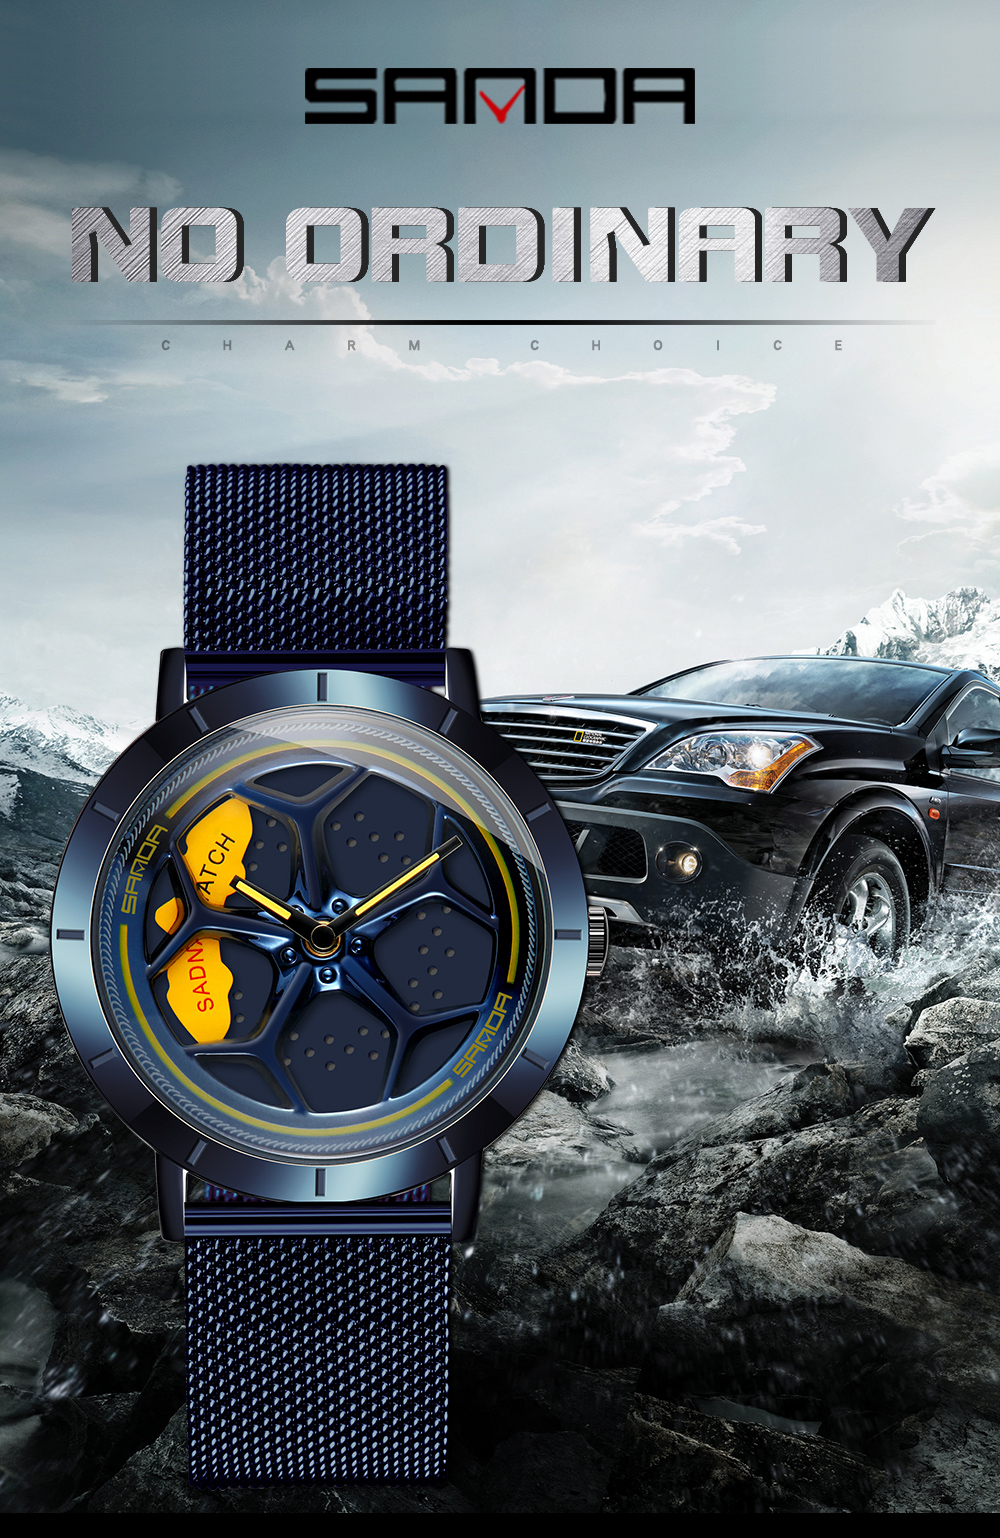 H4a7803e253dc445c86a95312a3e3ca88q Men's Watch 360 Degree Wheel Rotation Creative Quartz